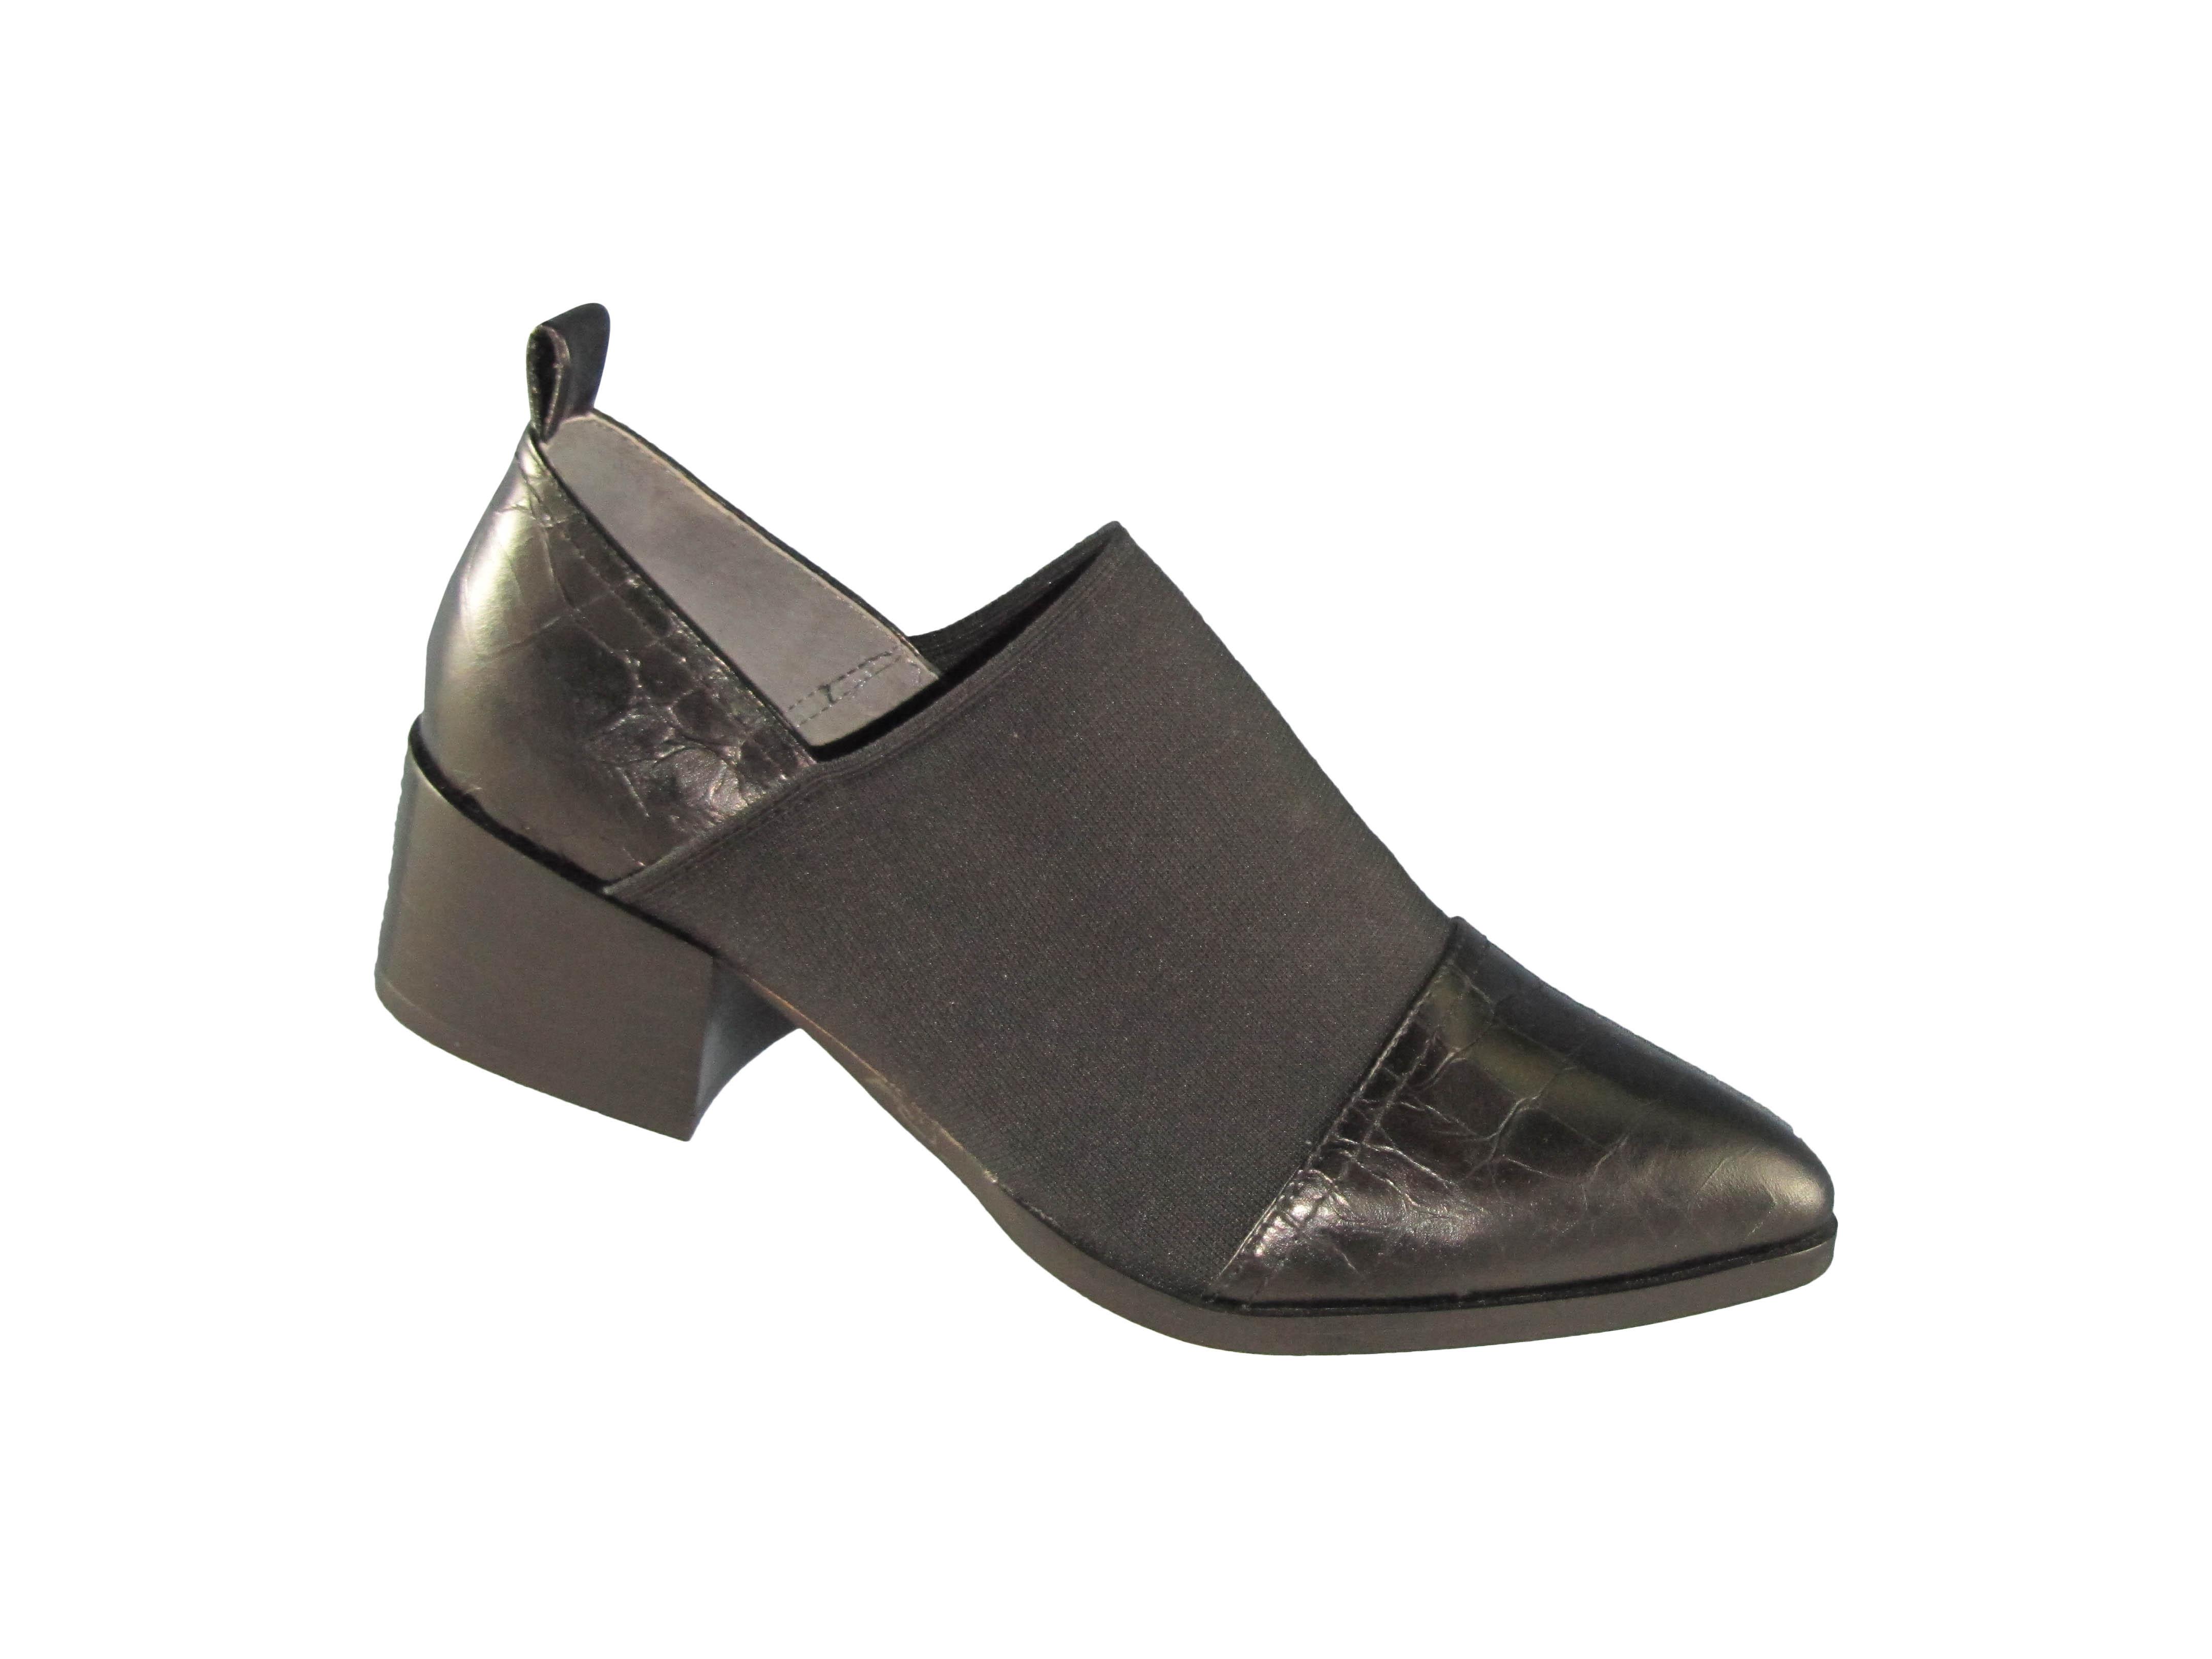 BEES KNEES MINX - OTHER BRANDS-MINX : Shirleys Shoes